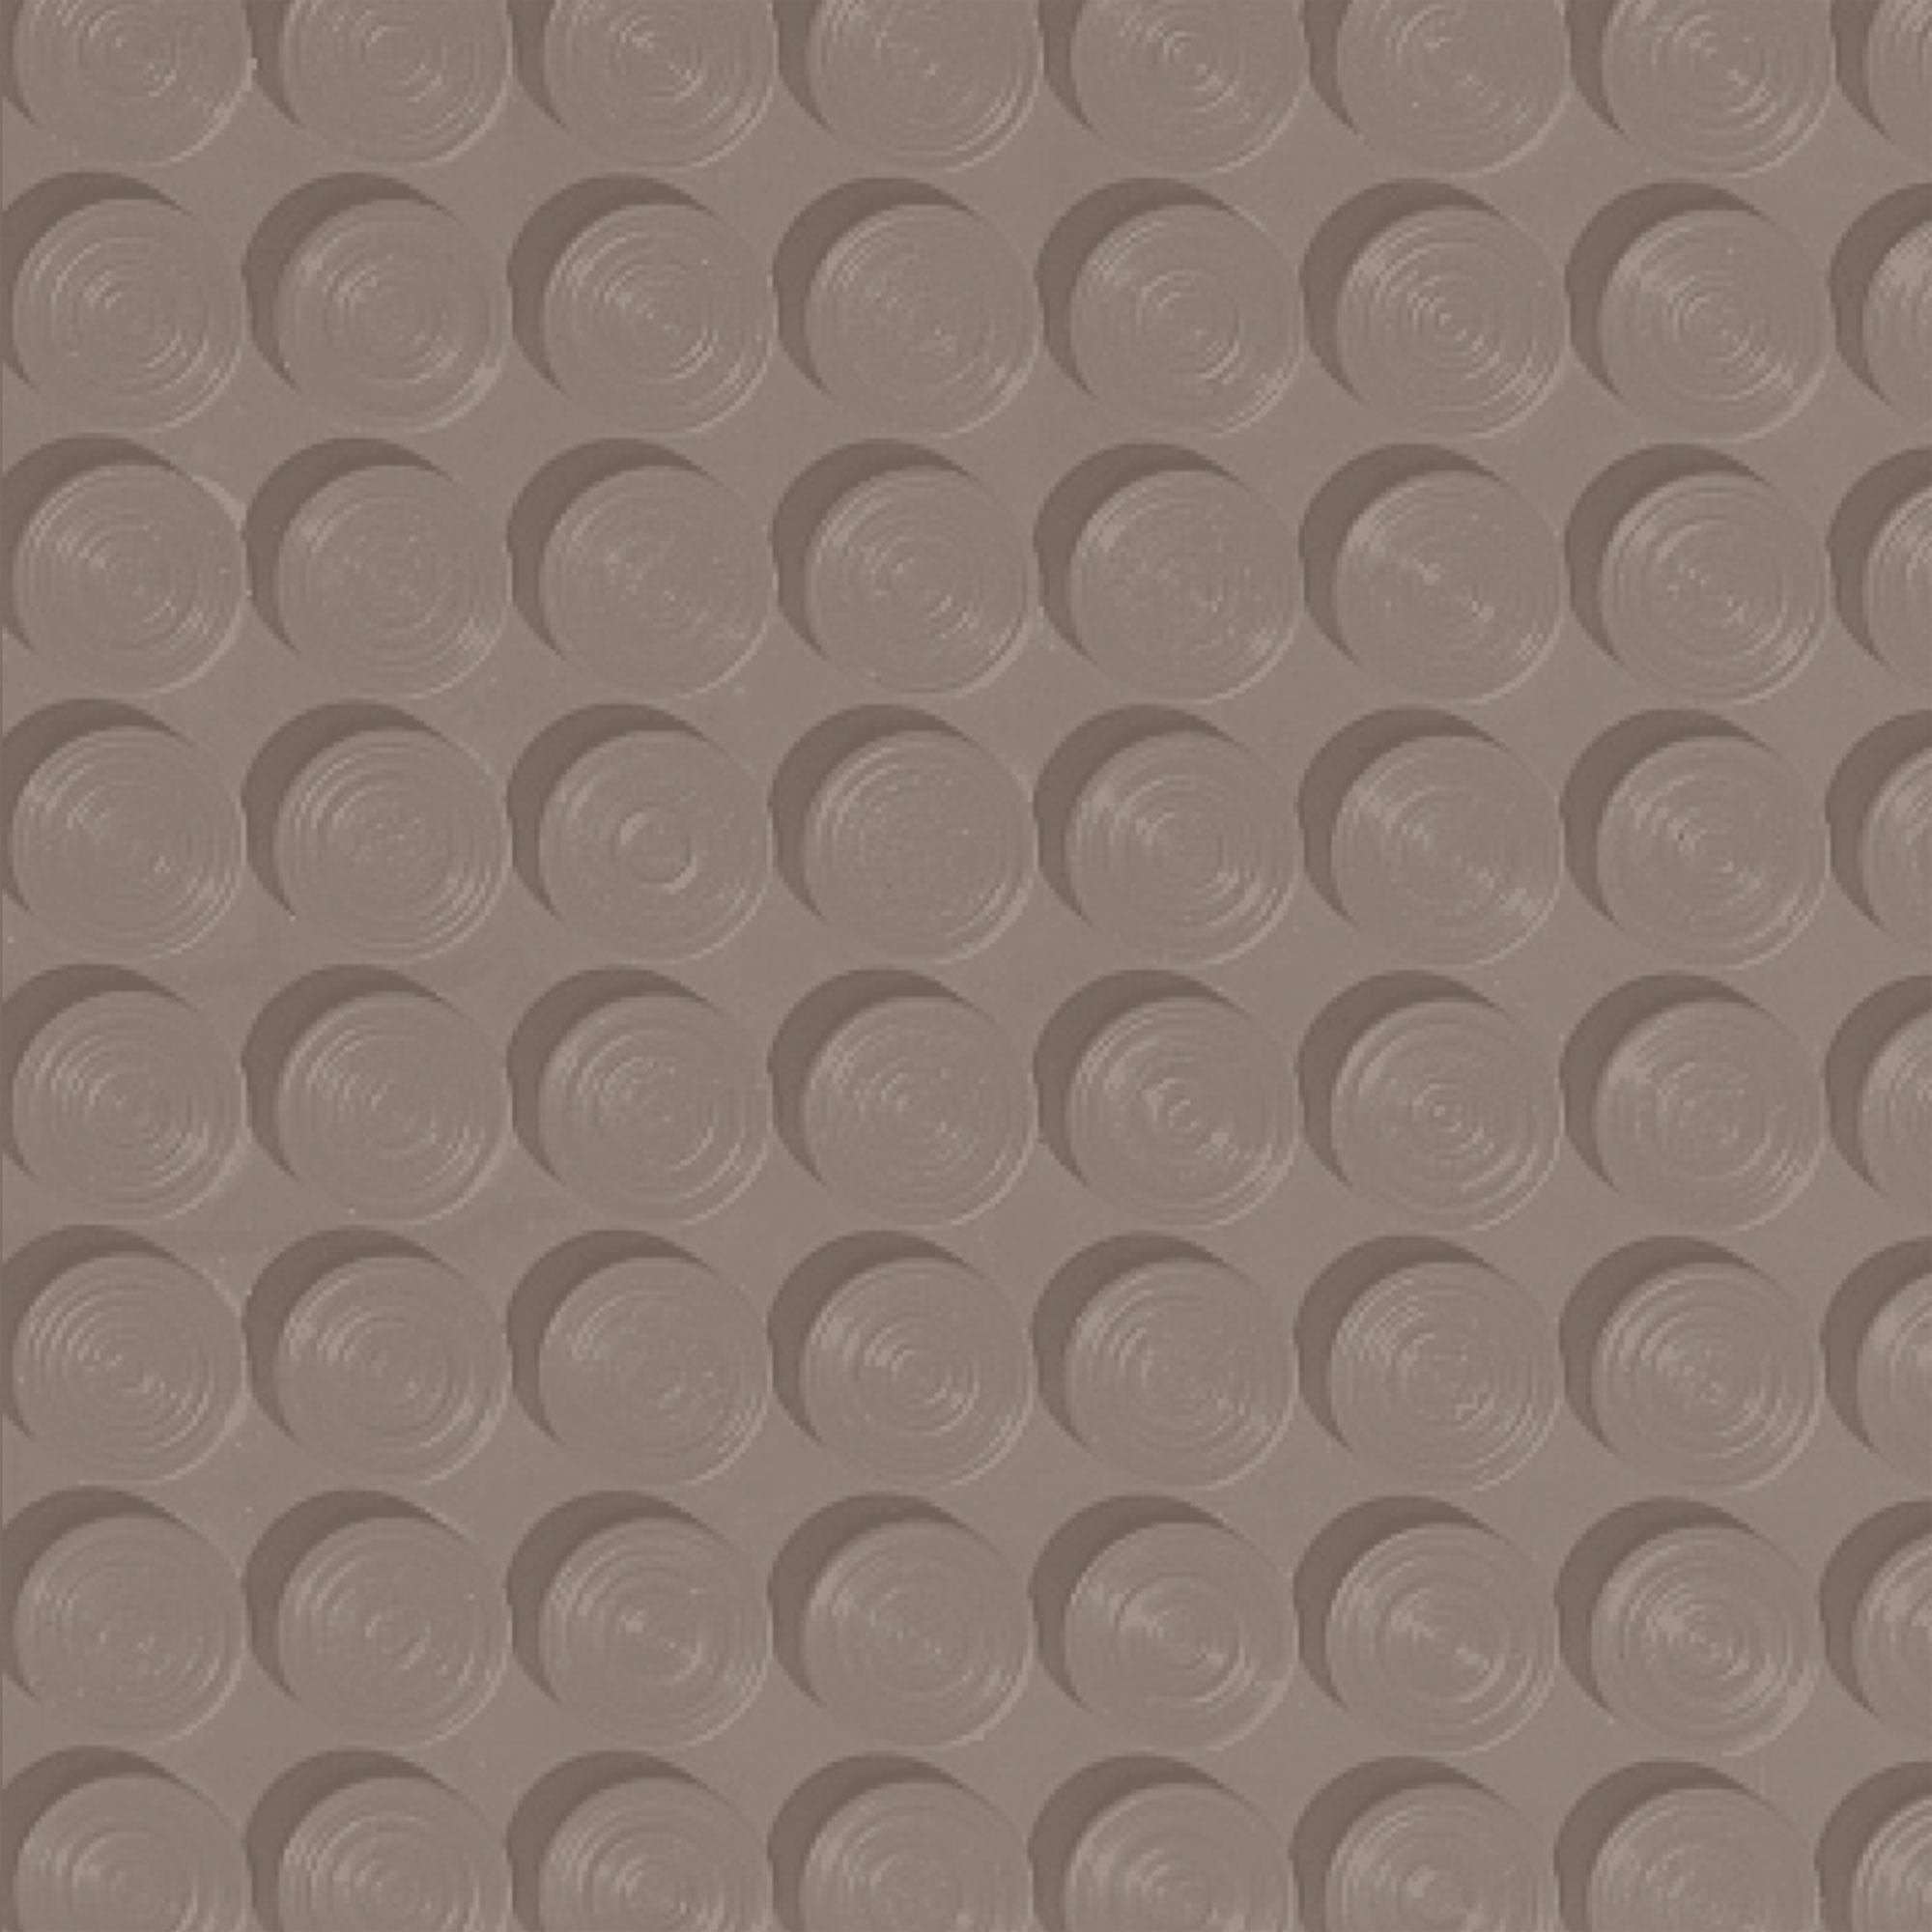 Roppe Rubber Tile 900 - Lug Back Vantage Design (LB996) Fawn Rubber Flooring